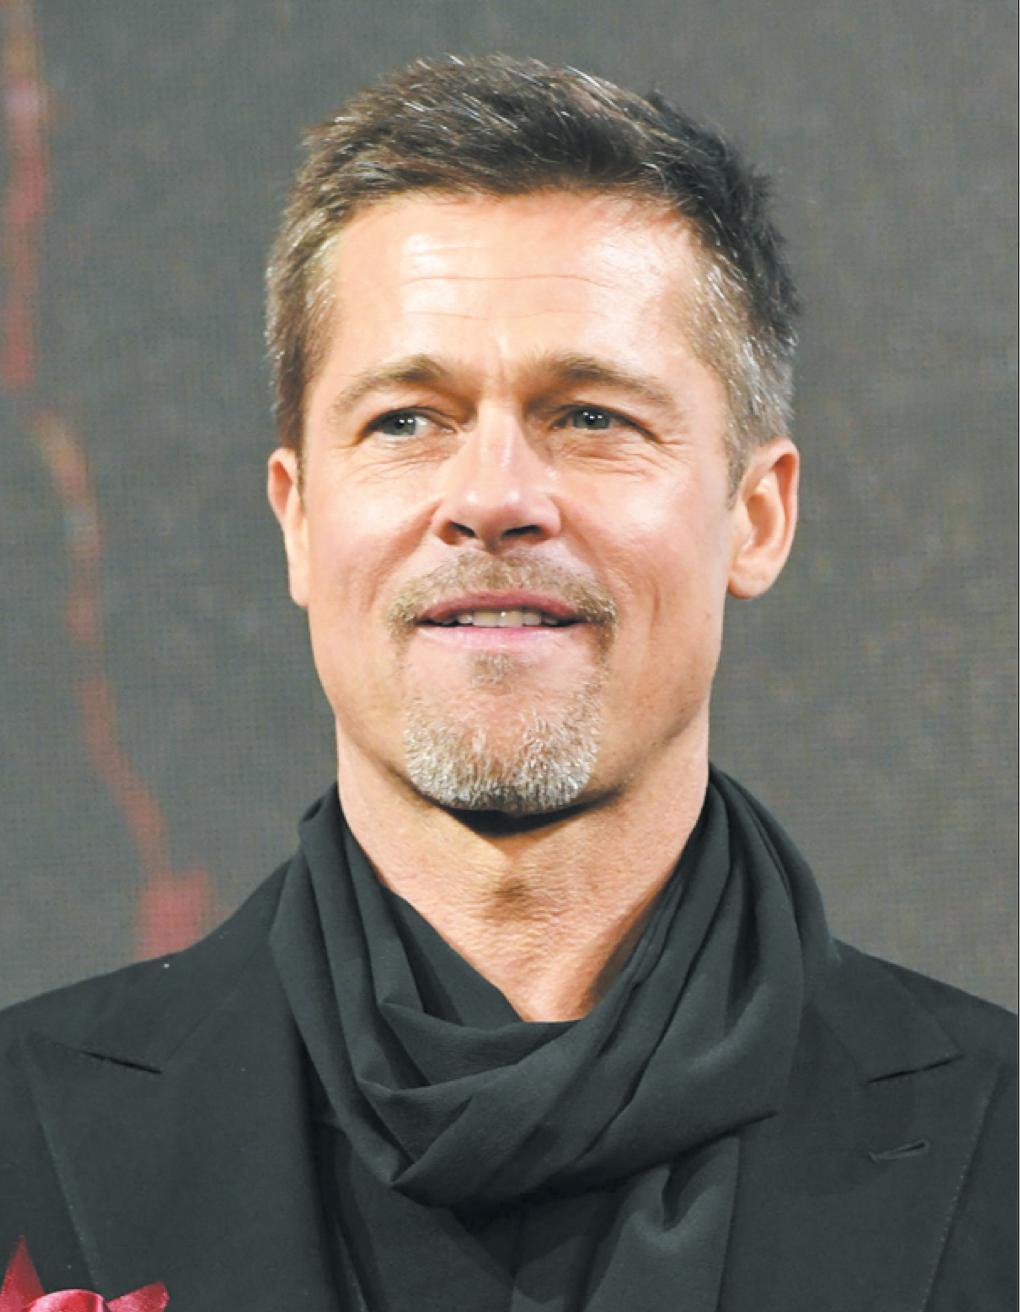 Ces célébrités qui ont fait des études étonnantes : Brad Pitt